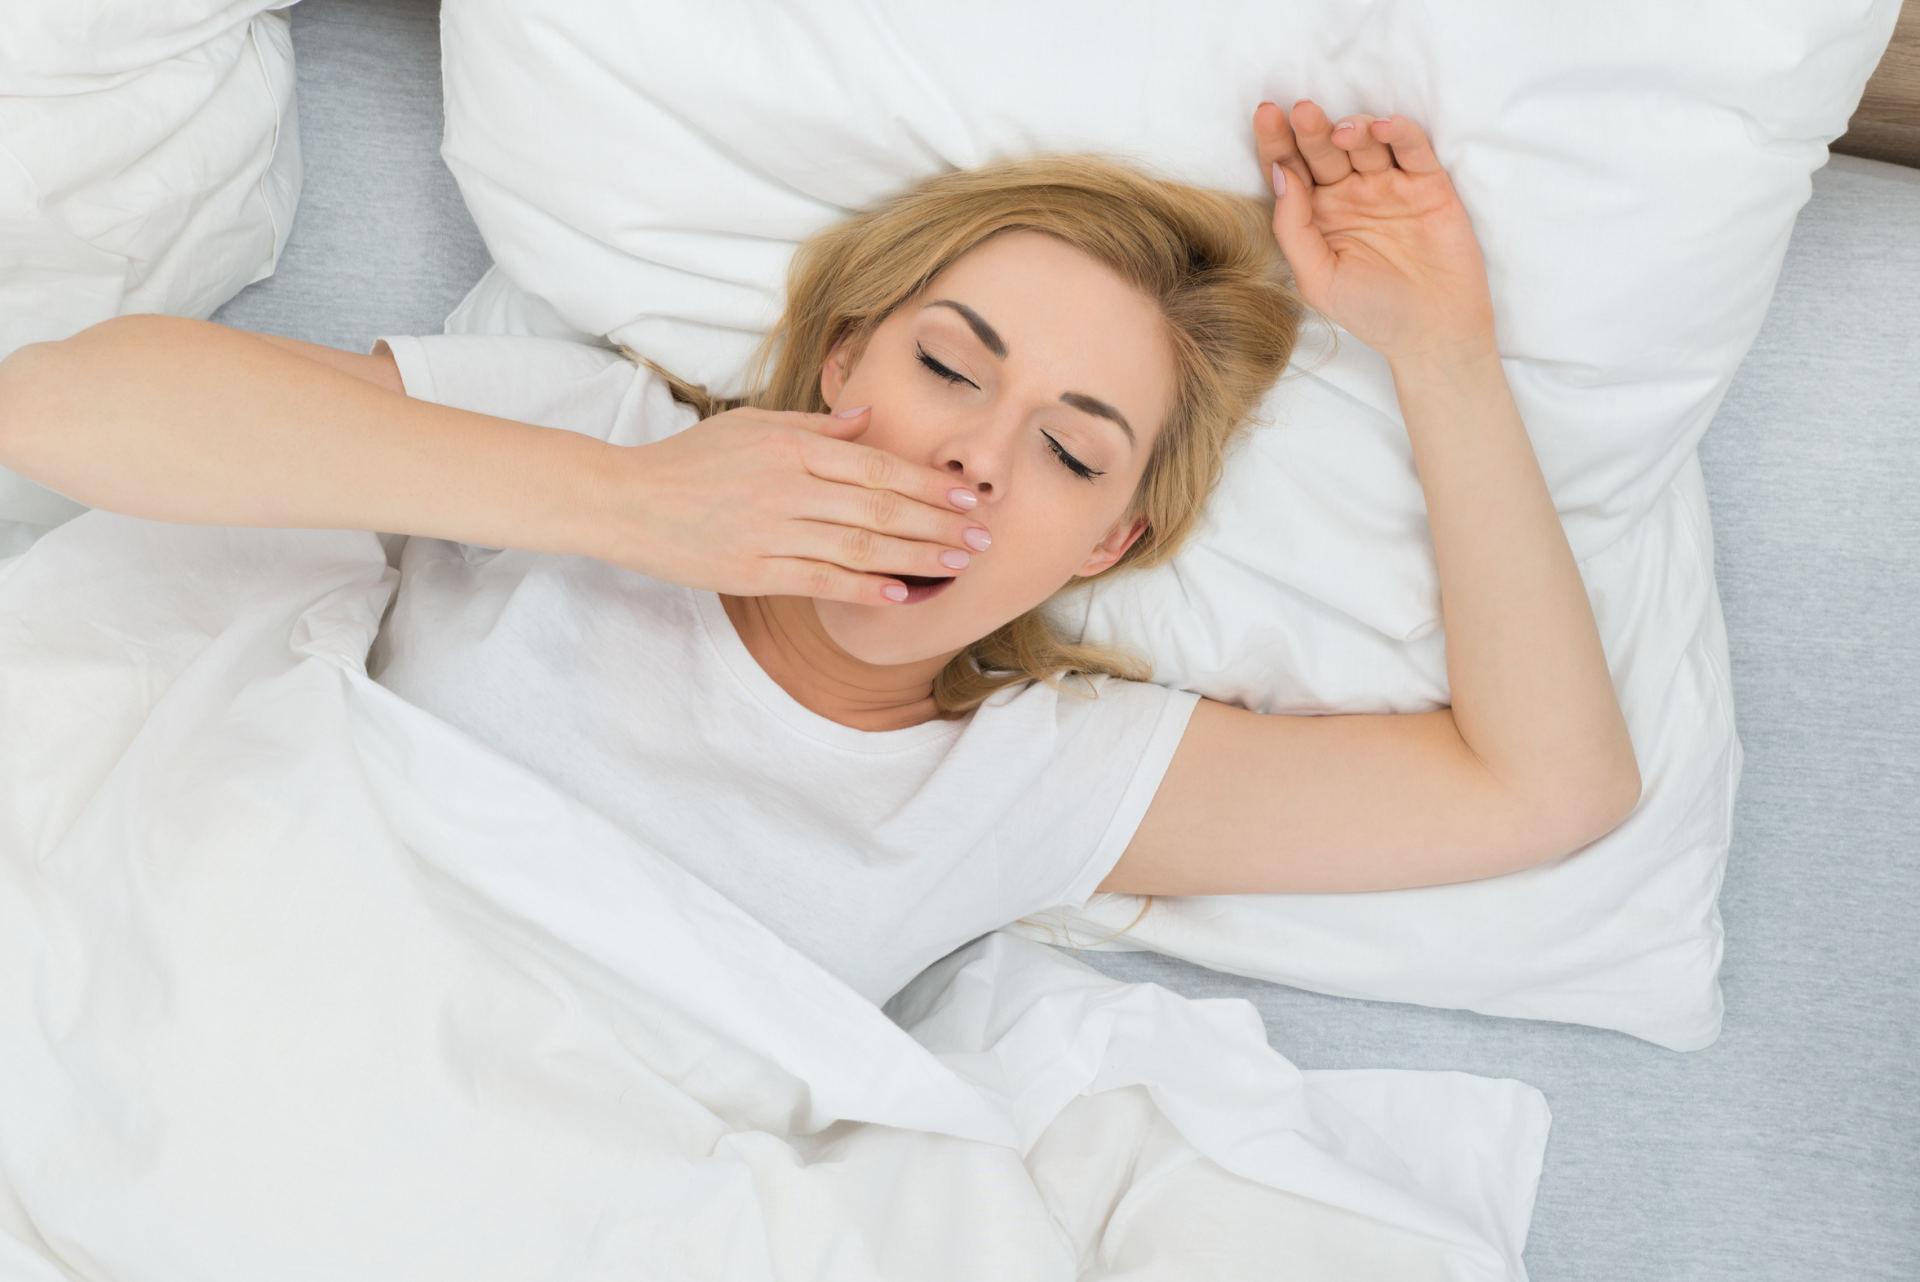 Kodėl naktį miego metu padidėja slėgis?